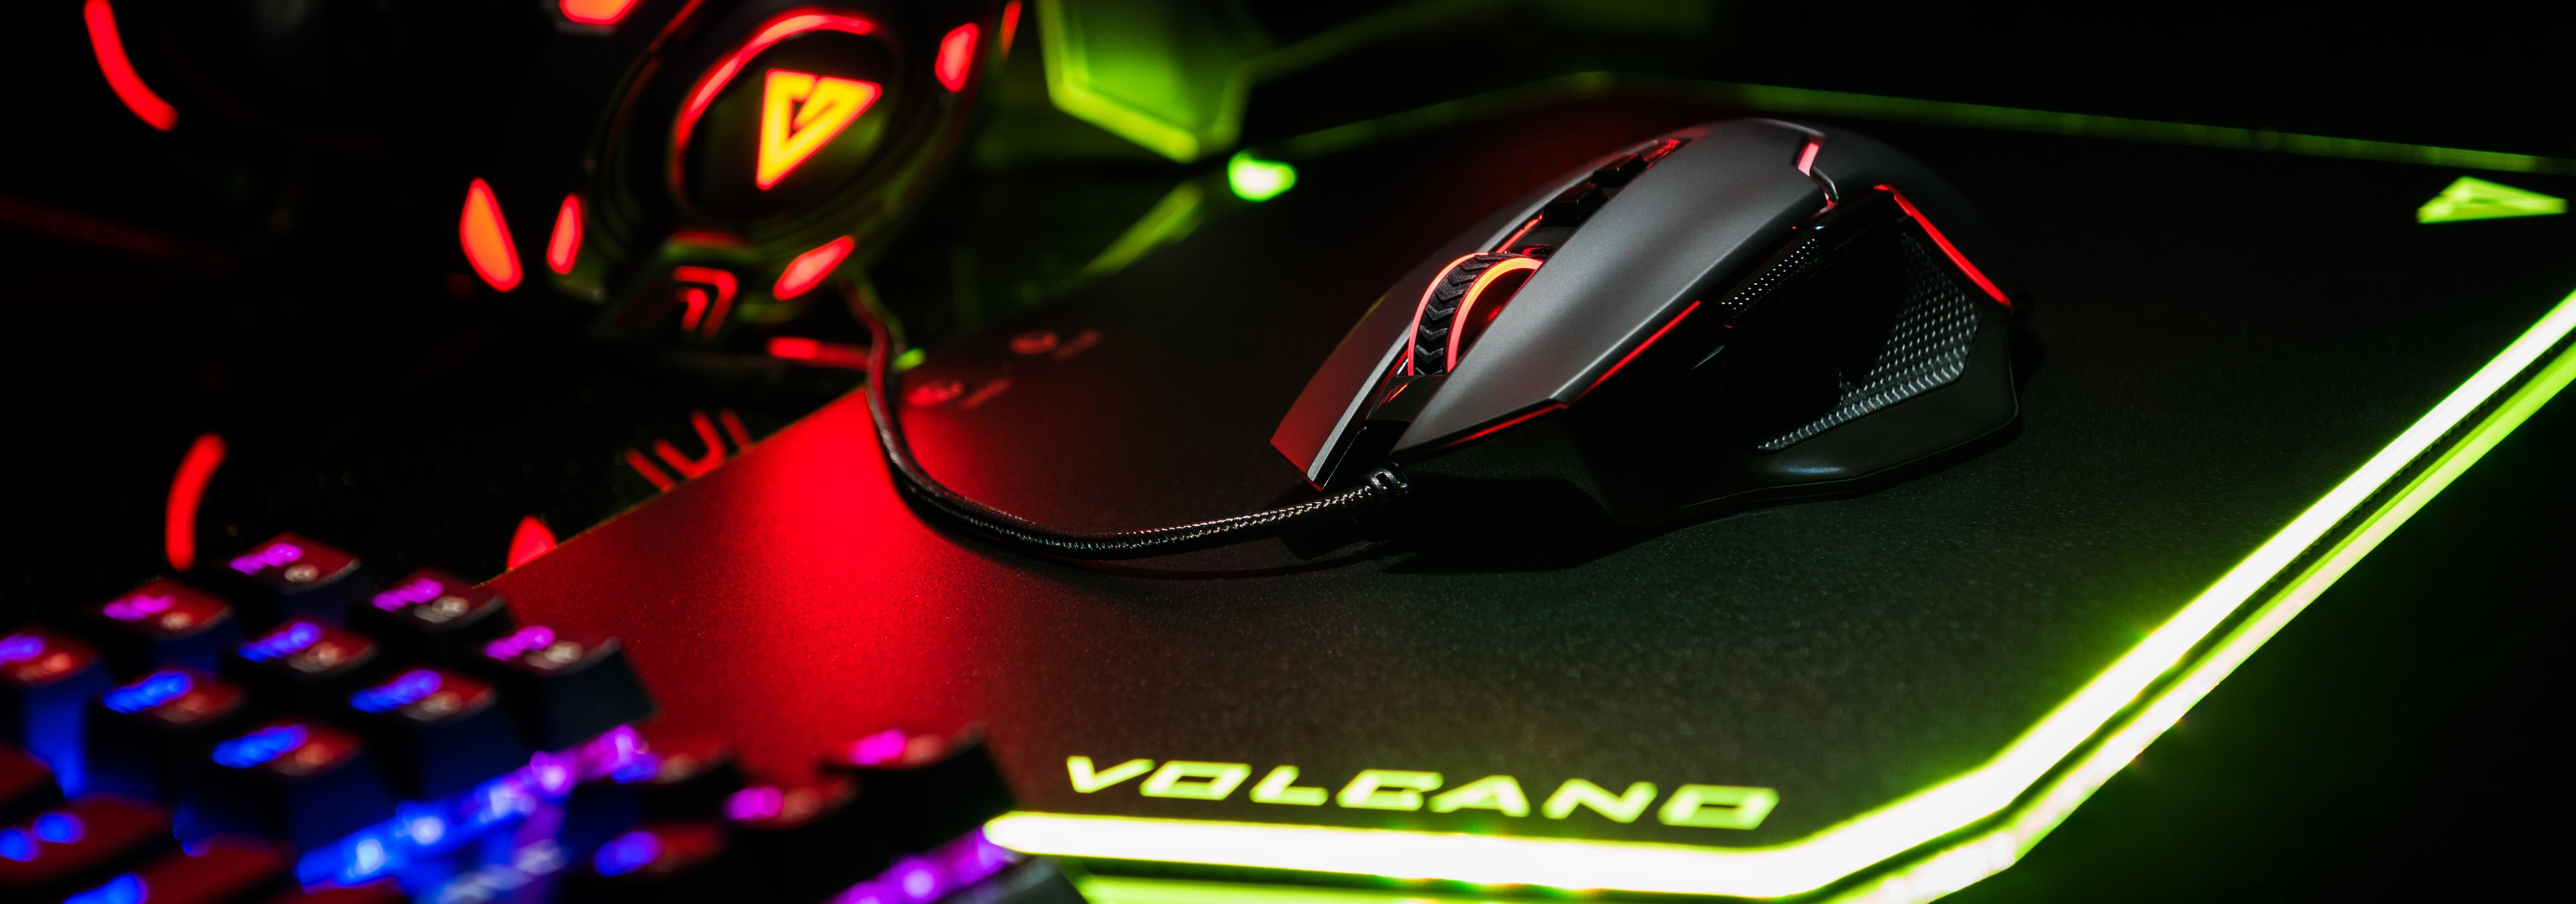 MODECOM VOLCANO GMX4 PLUS juoda laidinė optinė pelė | 7200 DPI